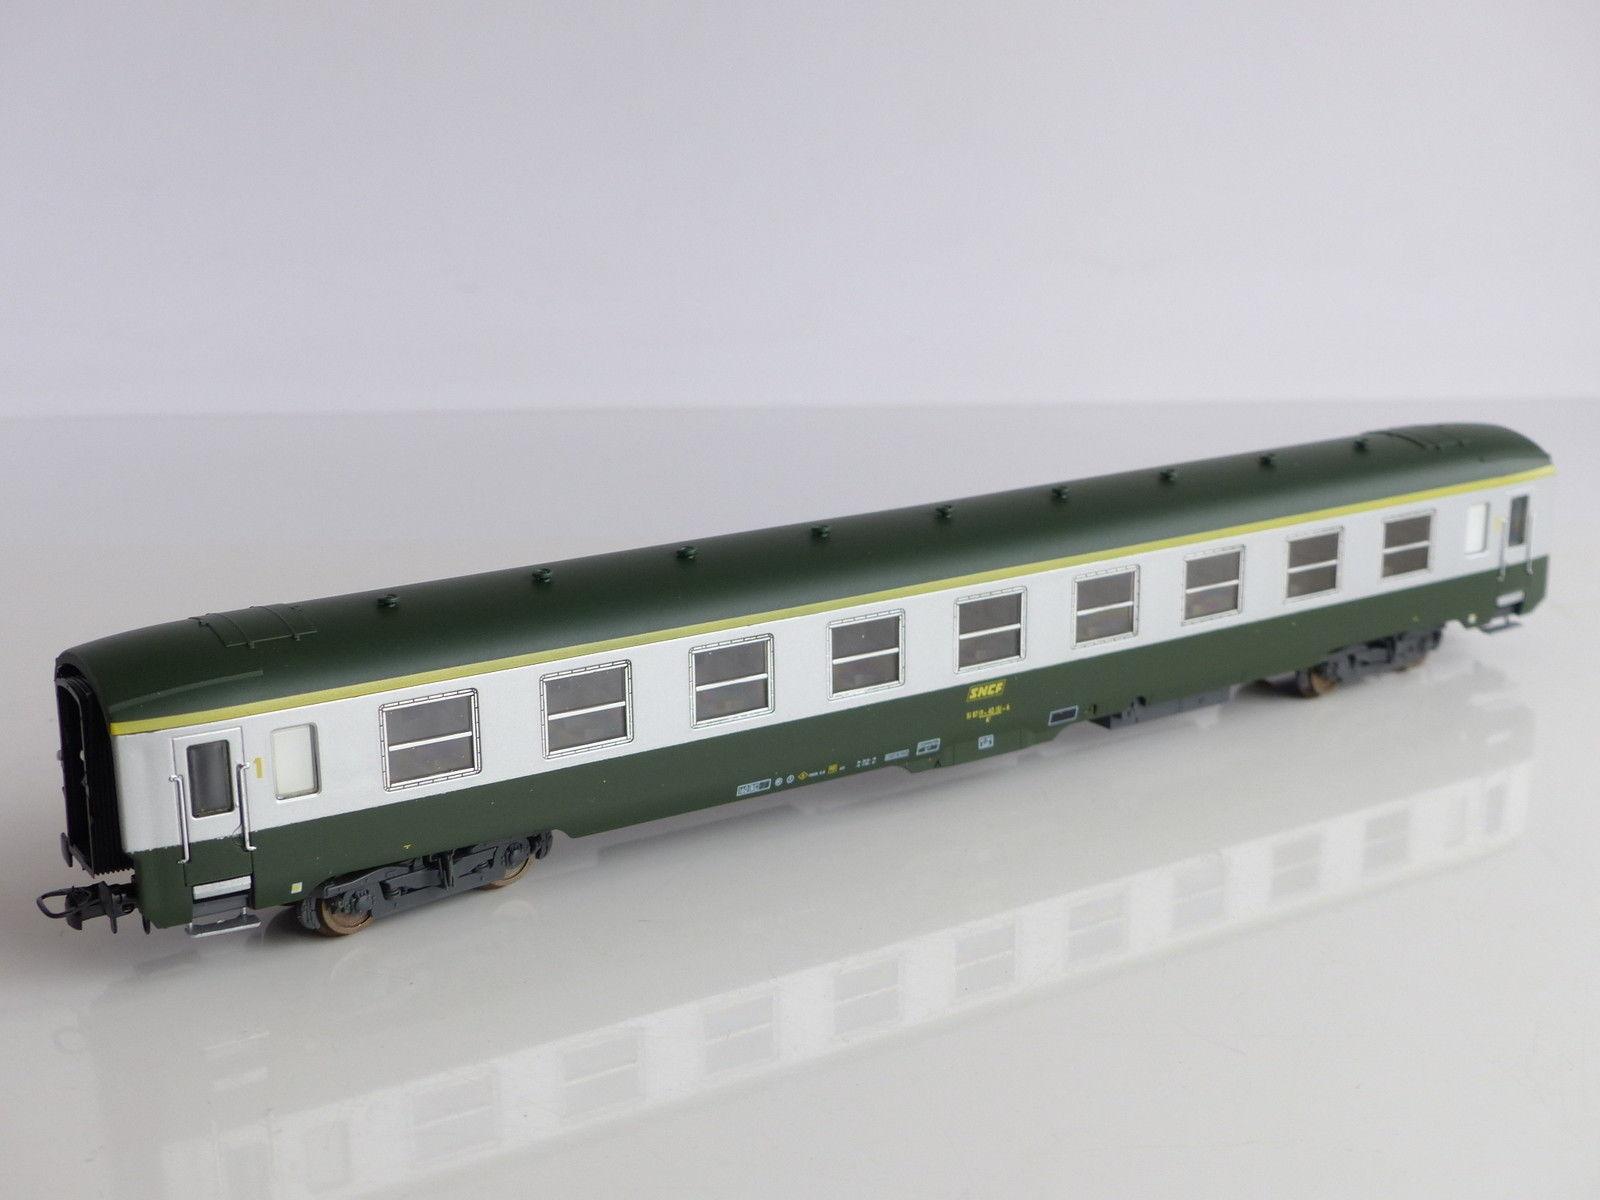 lima-309372-sncf-dev-ao-a9-1-klasse-sitzwagen-gruen-alu-c160-gelbe-1-kl-ziffer-gelber-streifen-am-dach